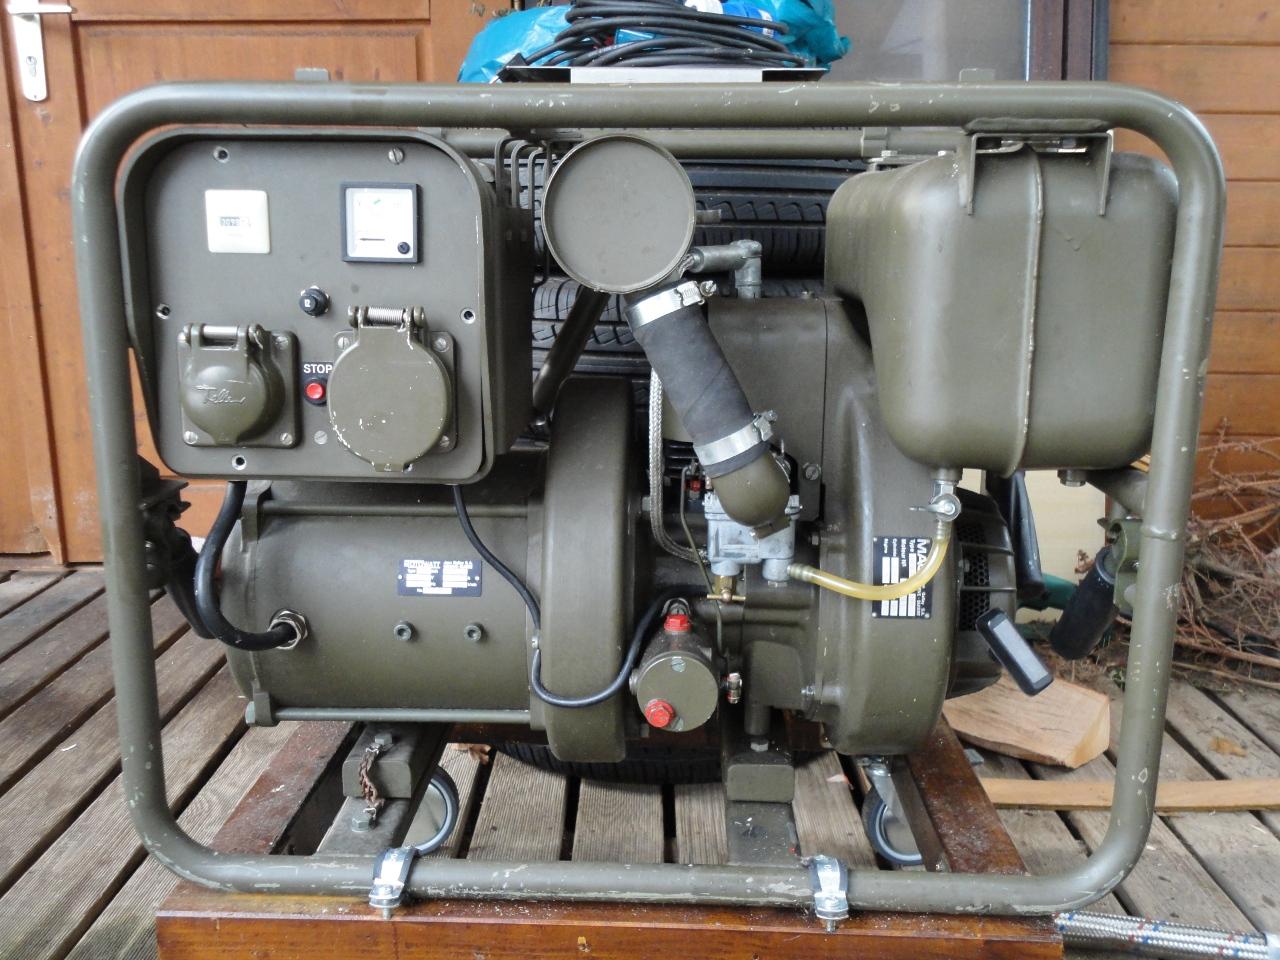 gebraucht diesel generator defekt